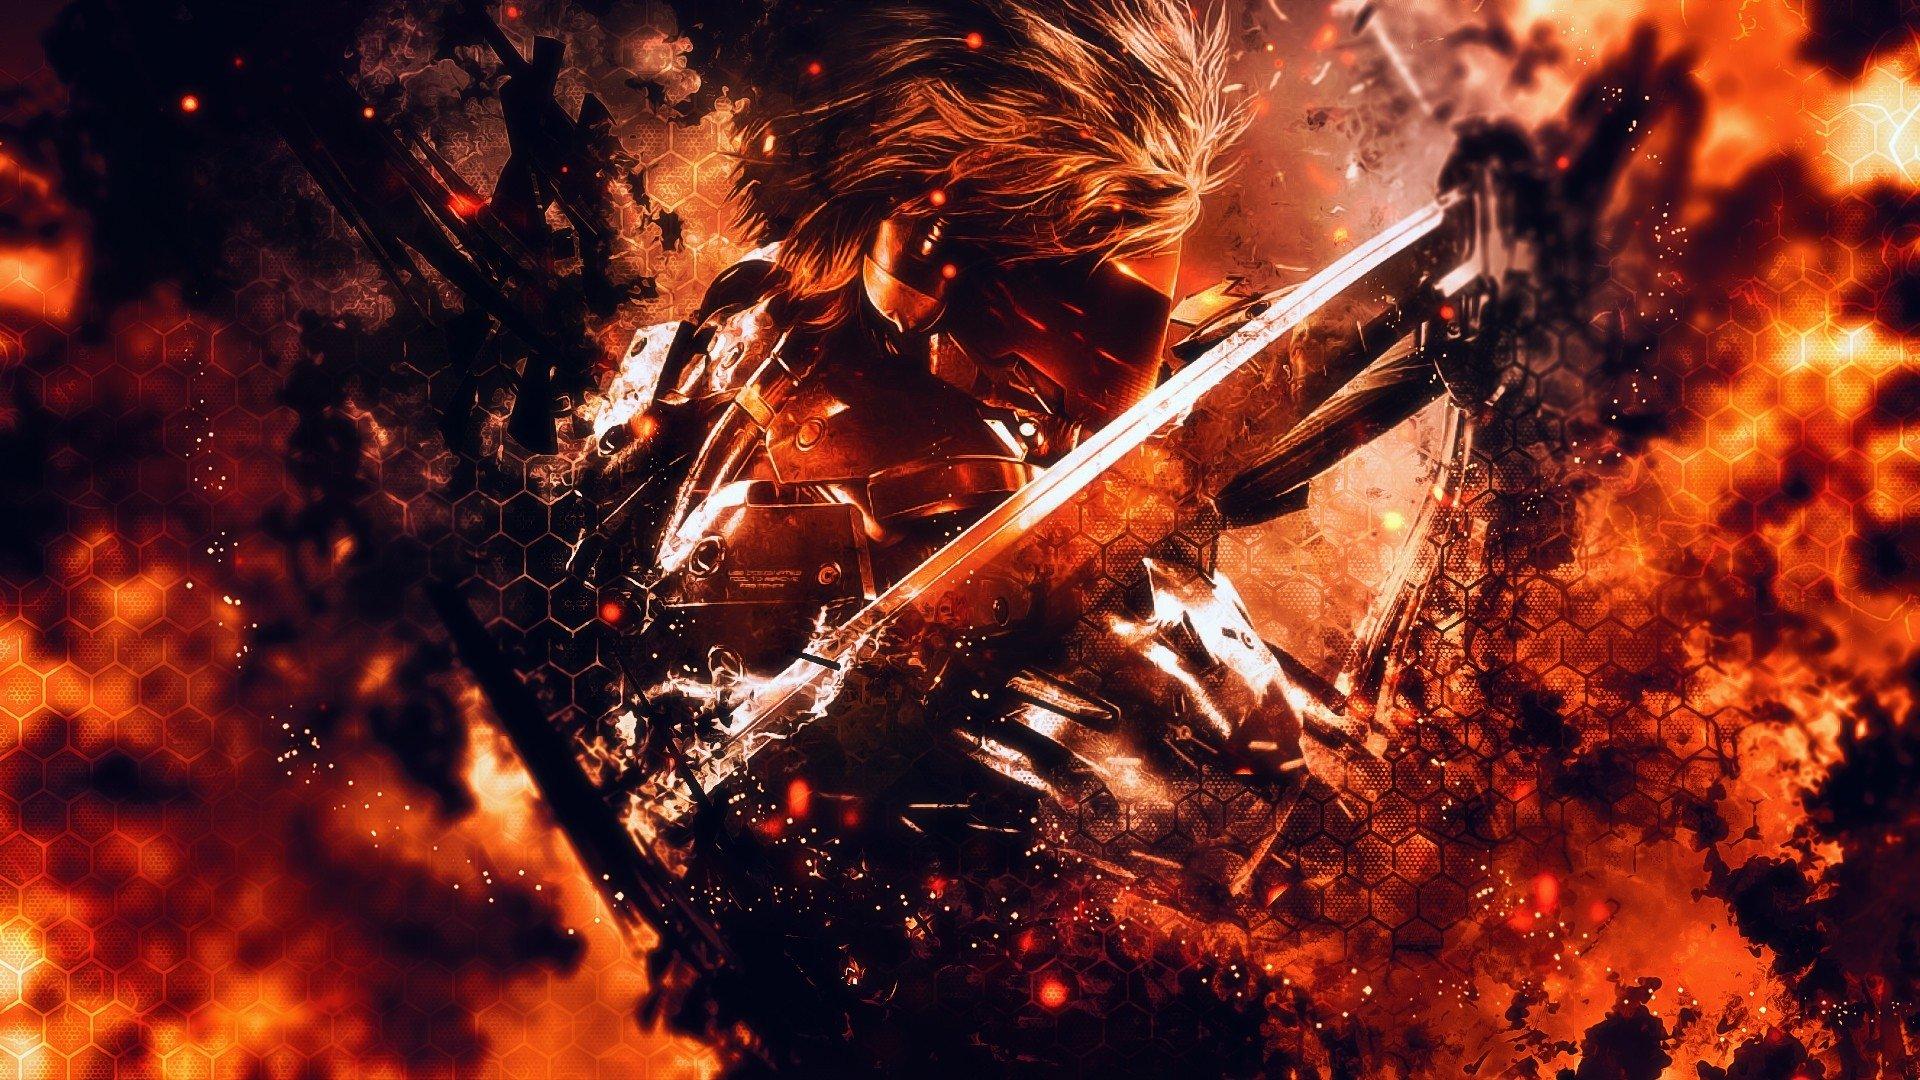 合金装备崛起:复仇/Metal Gear Rising: Revengeance插图4